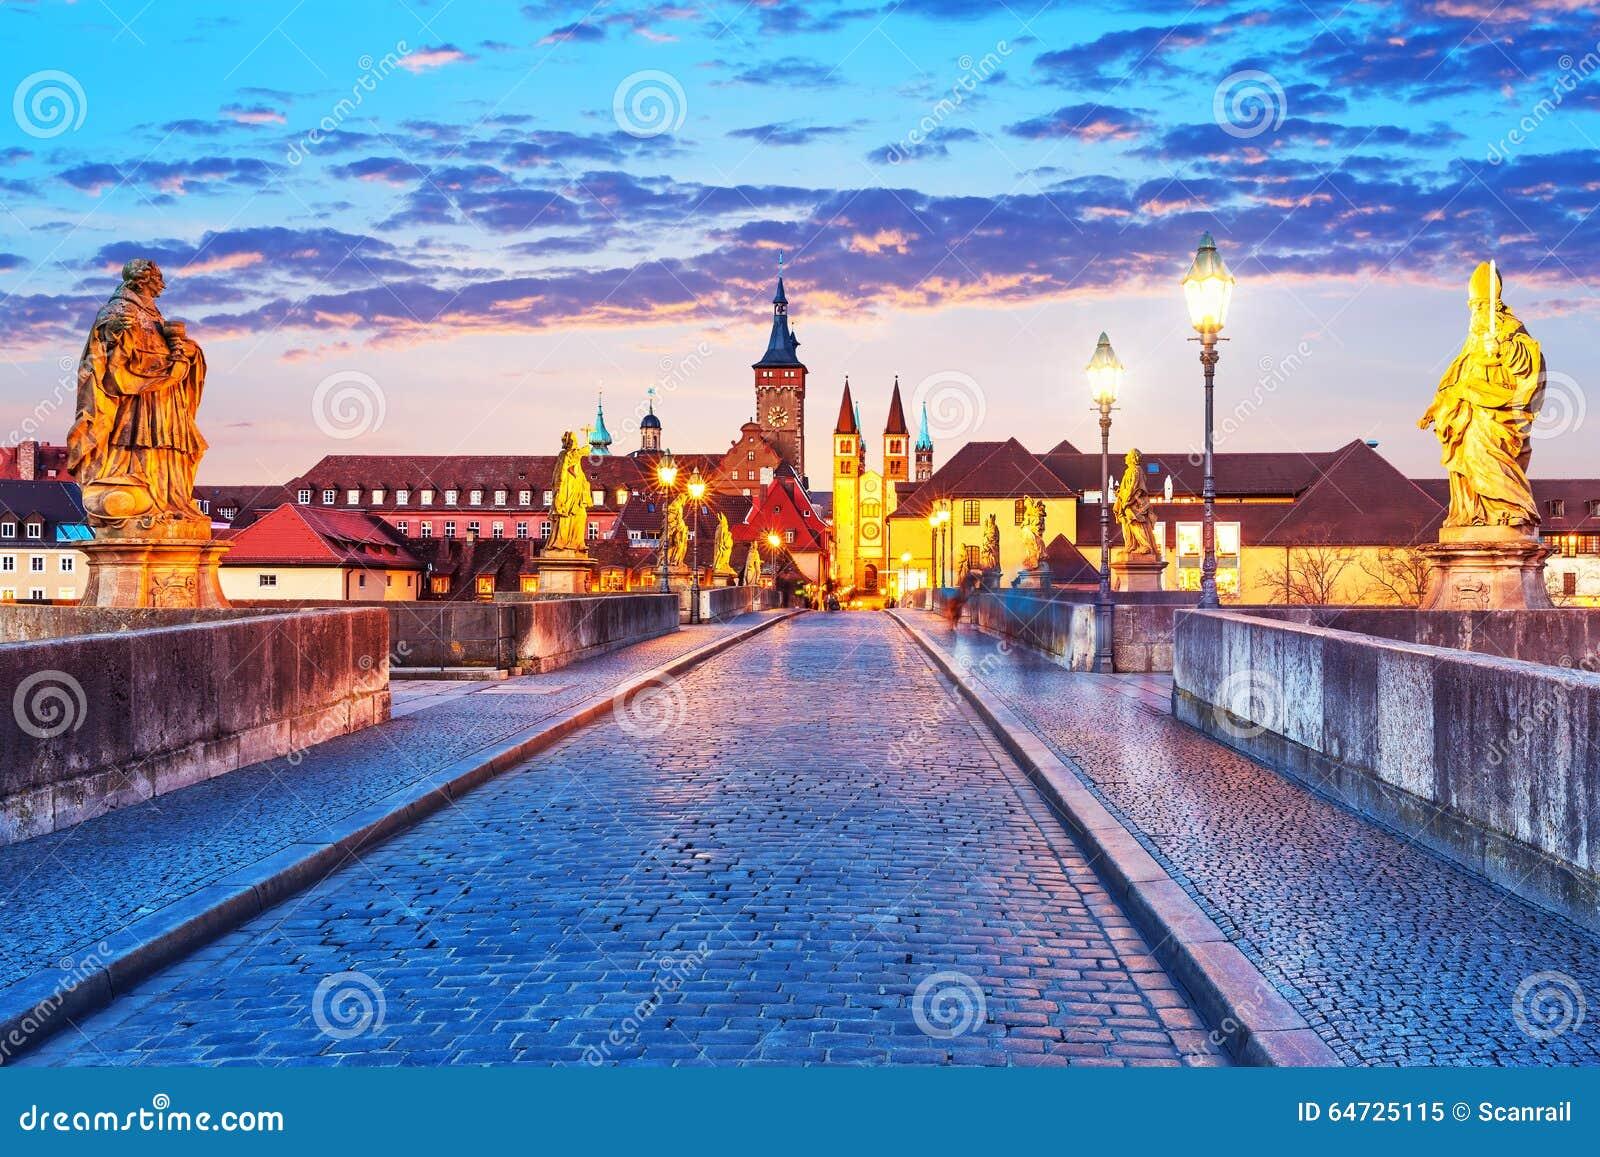 Wurzburg, Baviera, Germania